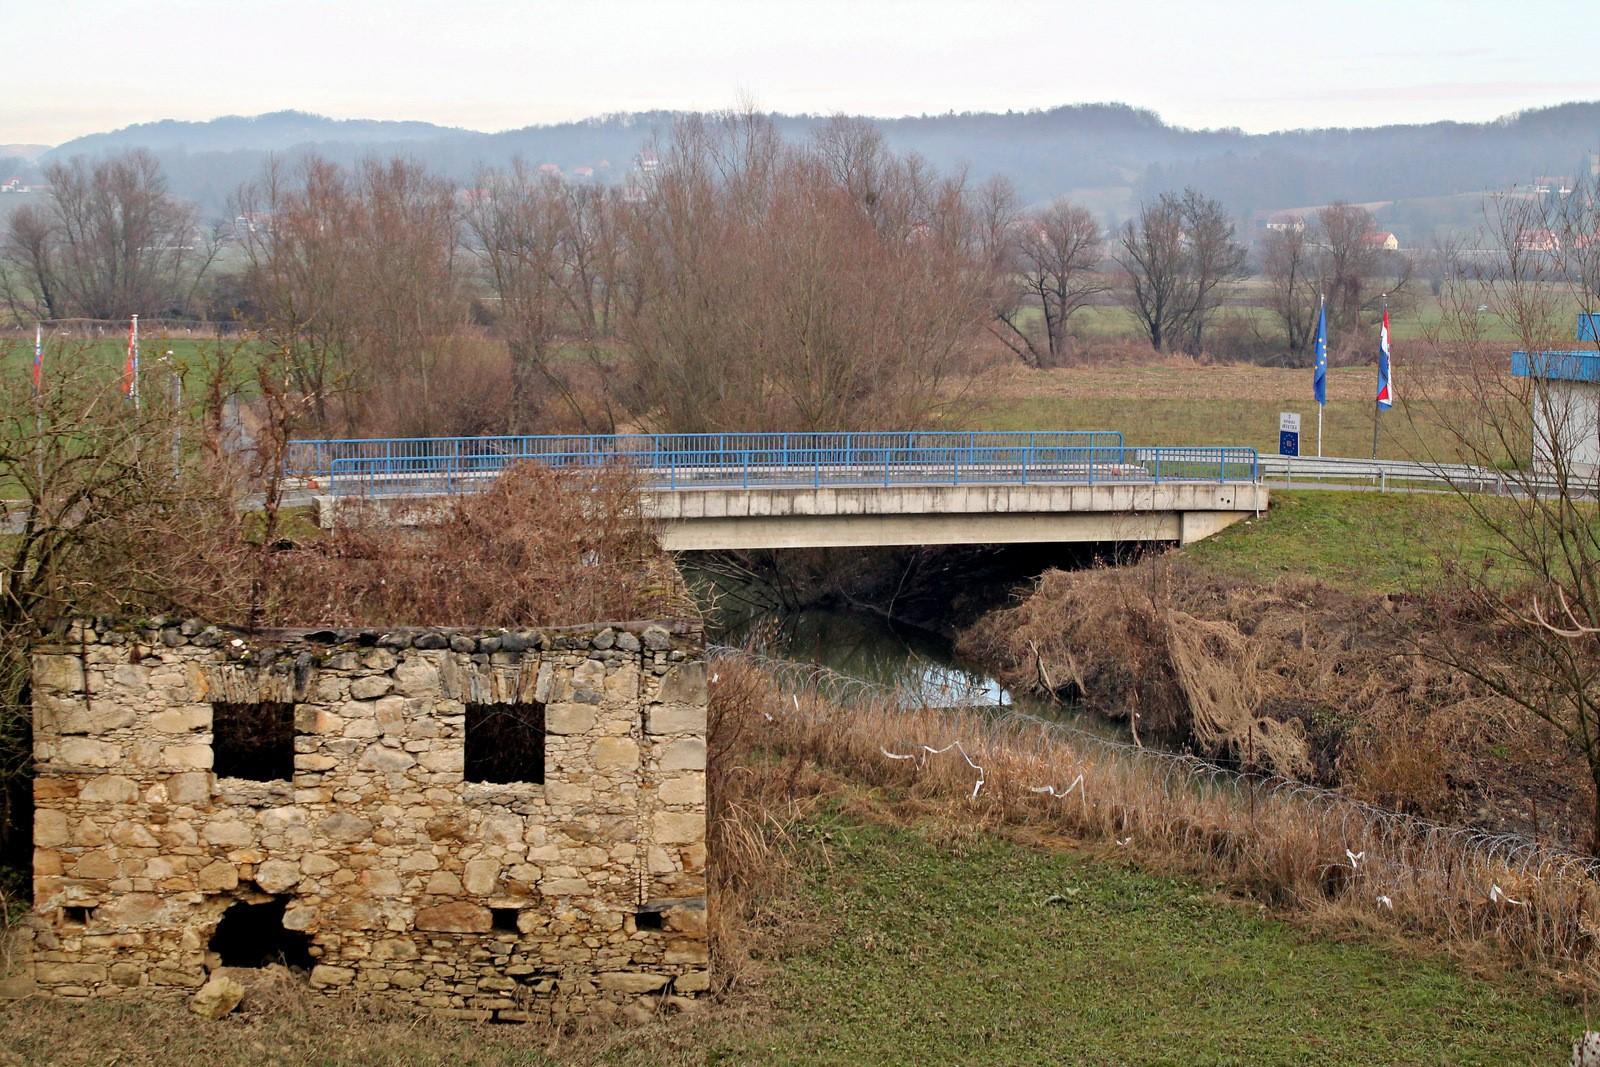 """Na lokaciji prečkanja 14. divizije čez reko Sotlo so kasneje zgradili betonski """"Most bratstva in enotnosti"""", kjer se danes nahaja lokalni mejni prehod Sedlarjevo-Plavić. Foto: Daniel Siter"""